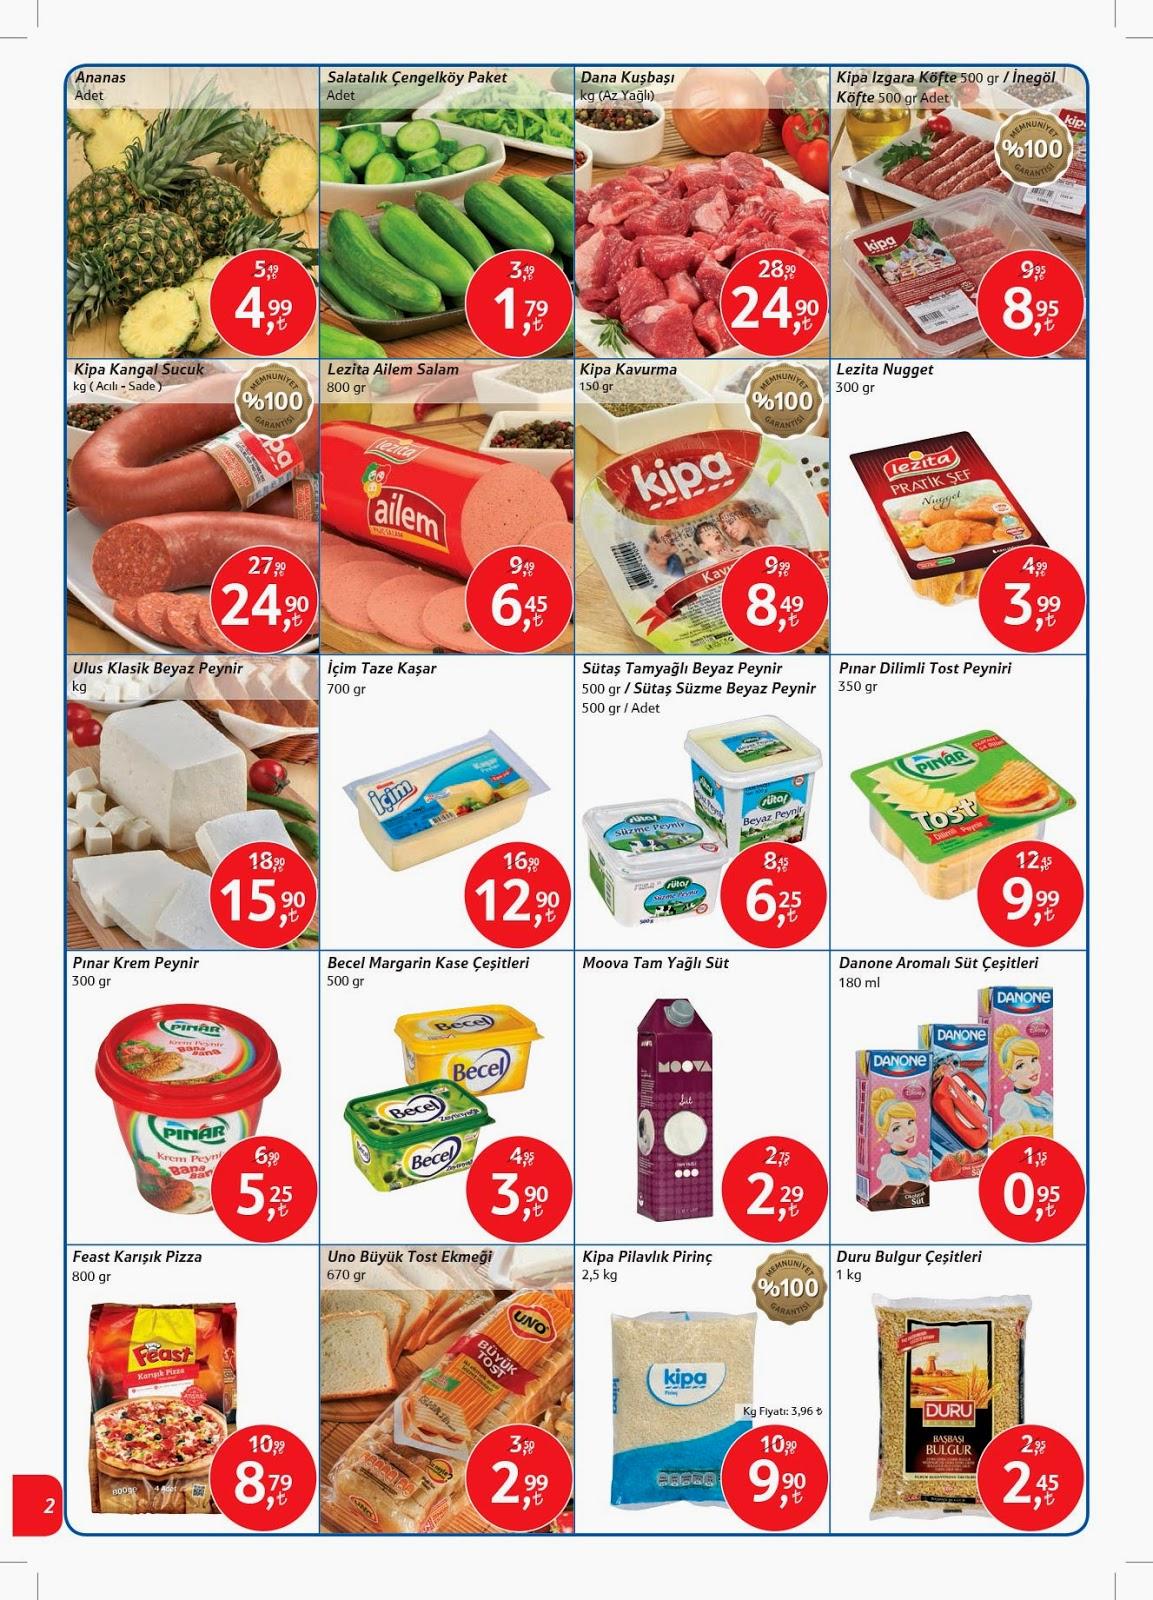 Kipa Ekspres 18 Nisan – 01 Mayıs 2014 Ekspres Ürünleri indirim Katalogu Kipa Süpermarket 18 Nisan – 01 Mayıs 2014 Süpermarket Ürünleri indirim Katalogu kipa kampanya fırsatları Kipa Süpermarket  Kampanya Broşürü,Temel ihtiyaç ve gıda malzemeleri satışı yapan perakende mağazalar zinciri; etkinlikler, indirimli ürün bilgileri bu Siteden Takip edebilirsiniz..